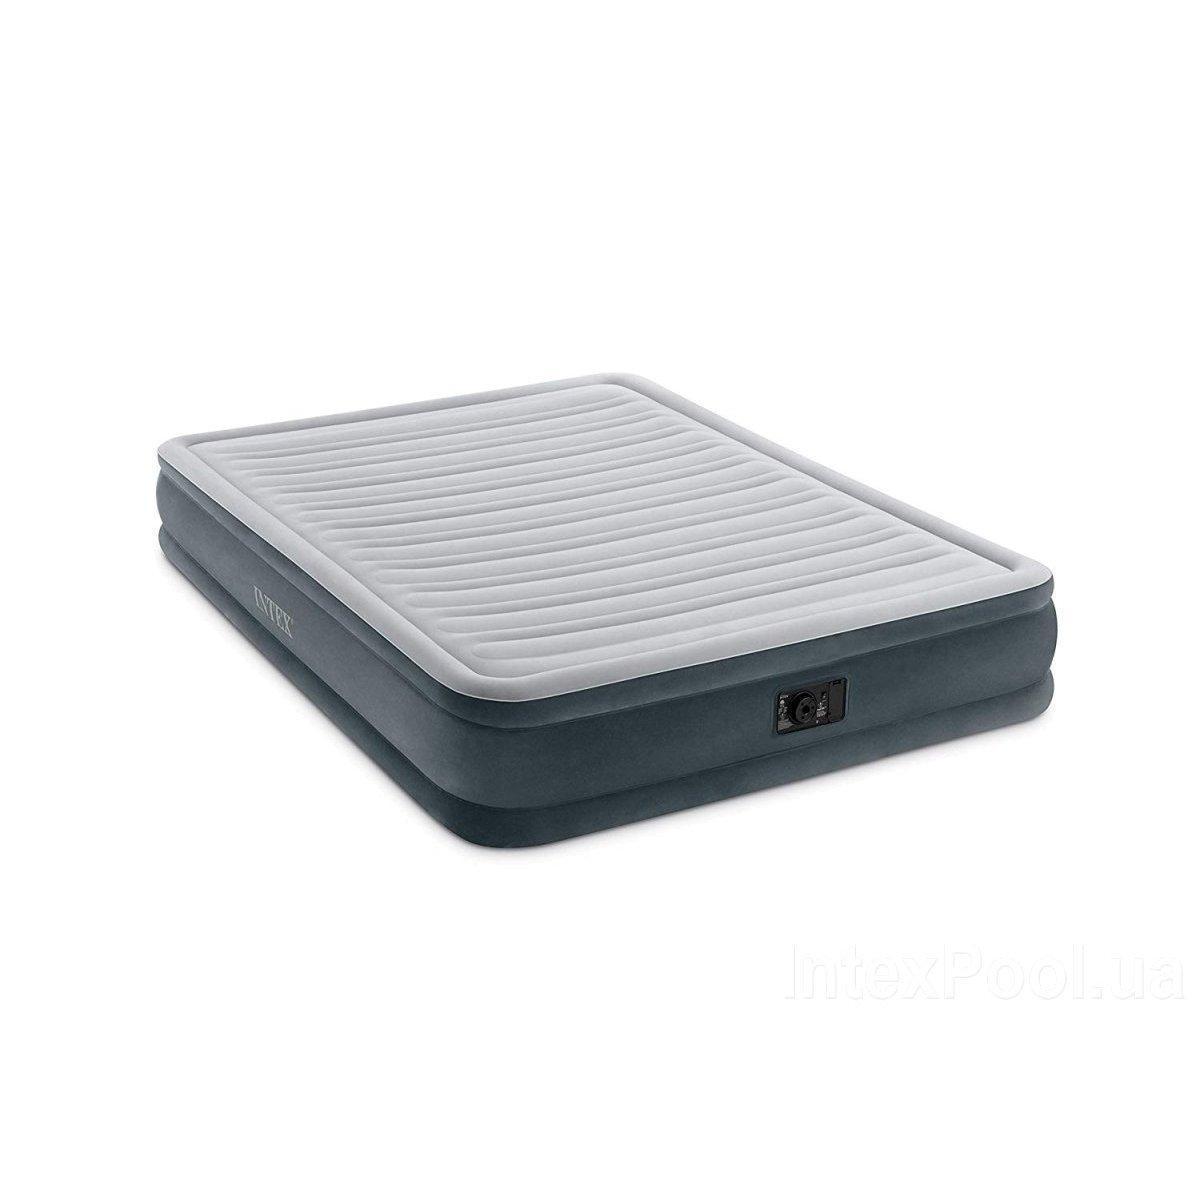 Надувная кровать Intex 67770 встроенный электронасос Двухспальная